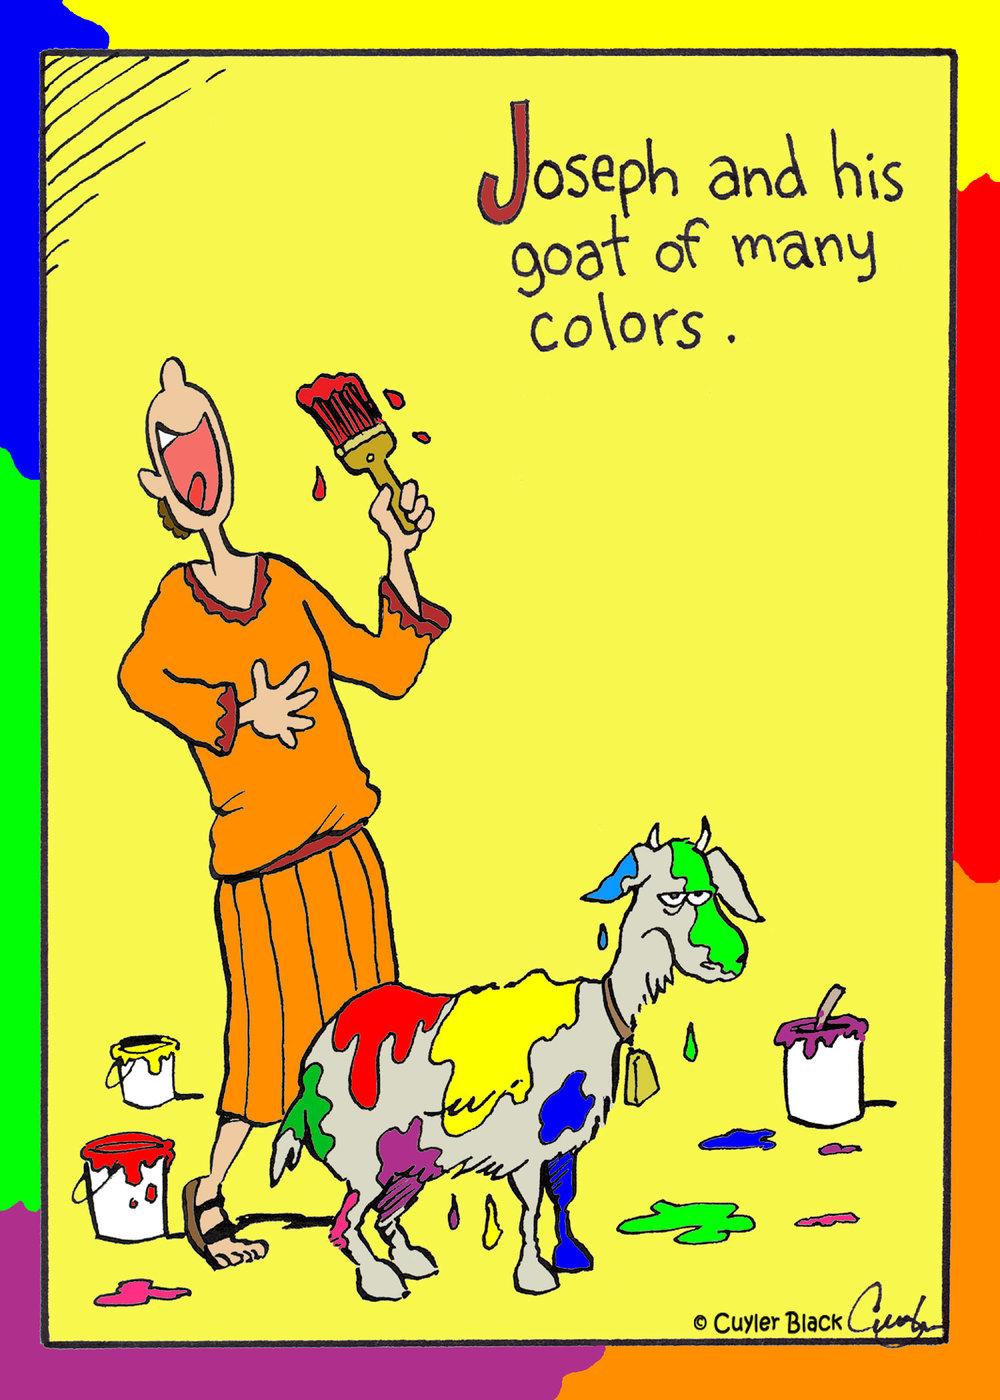 Joseph's goat.jpg